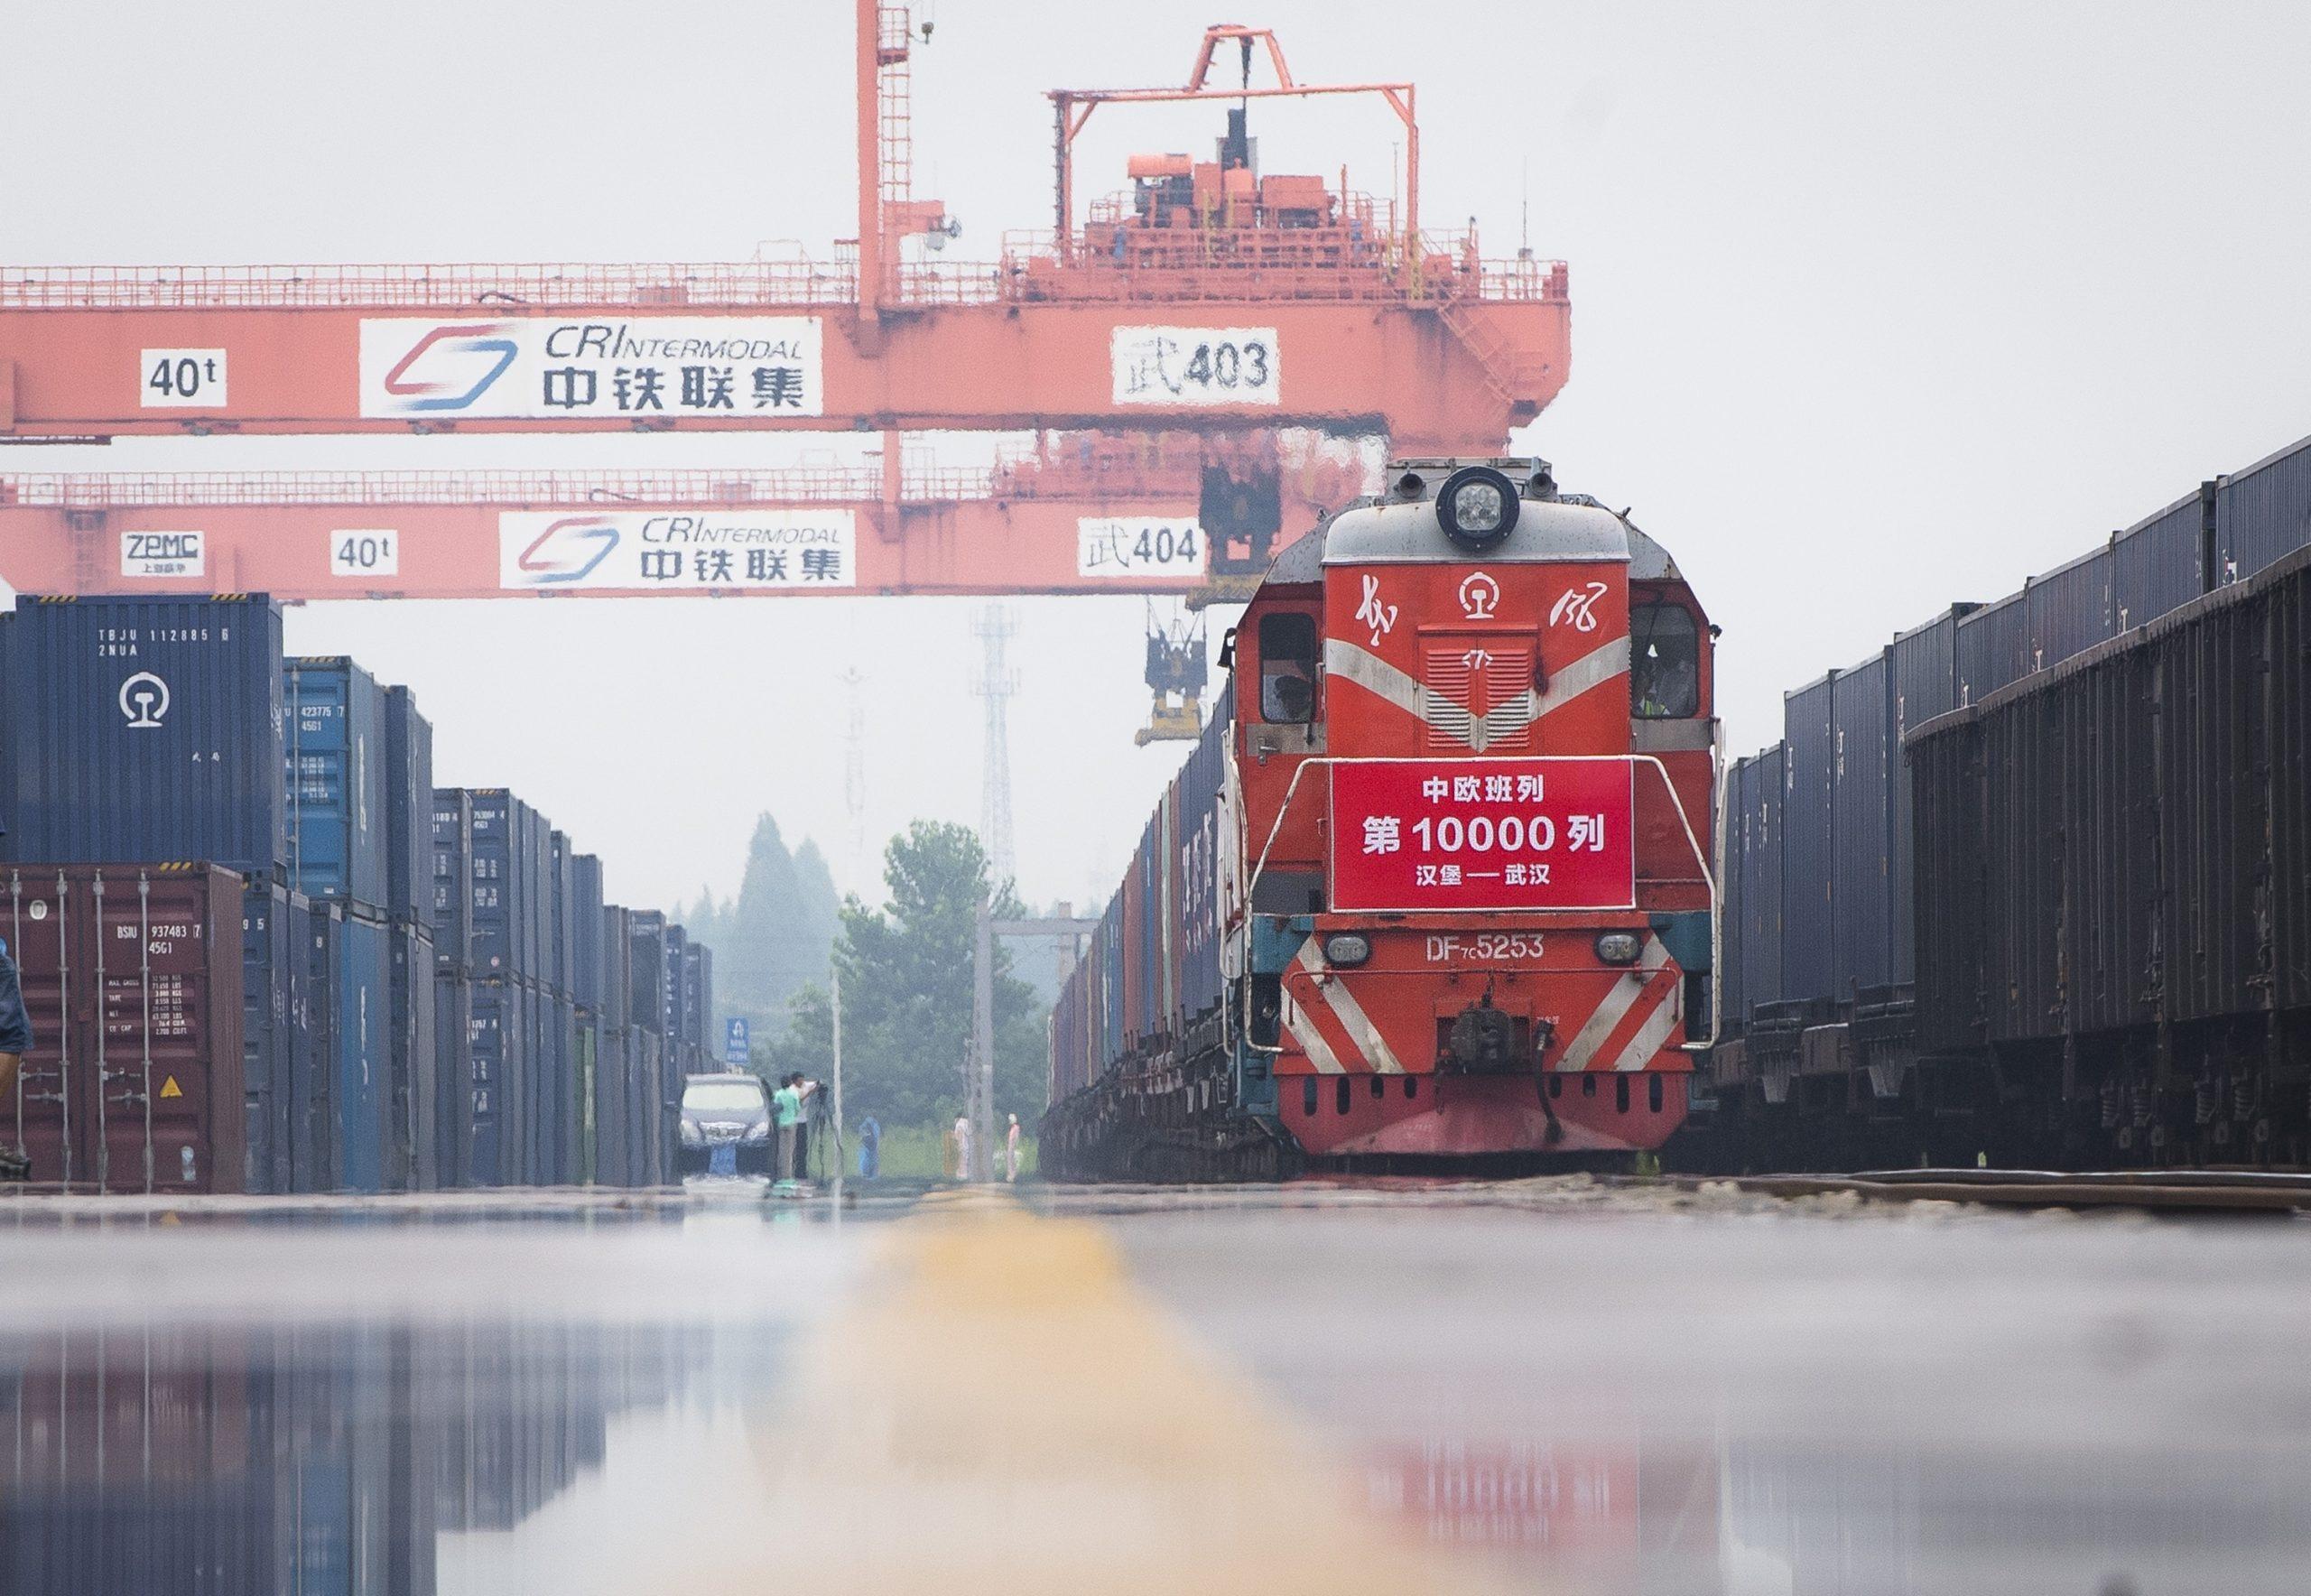 Puerto fronterizo chino de Xinjiang reporta récord de trenes de carga China-Europa en 2020